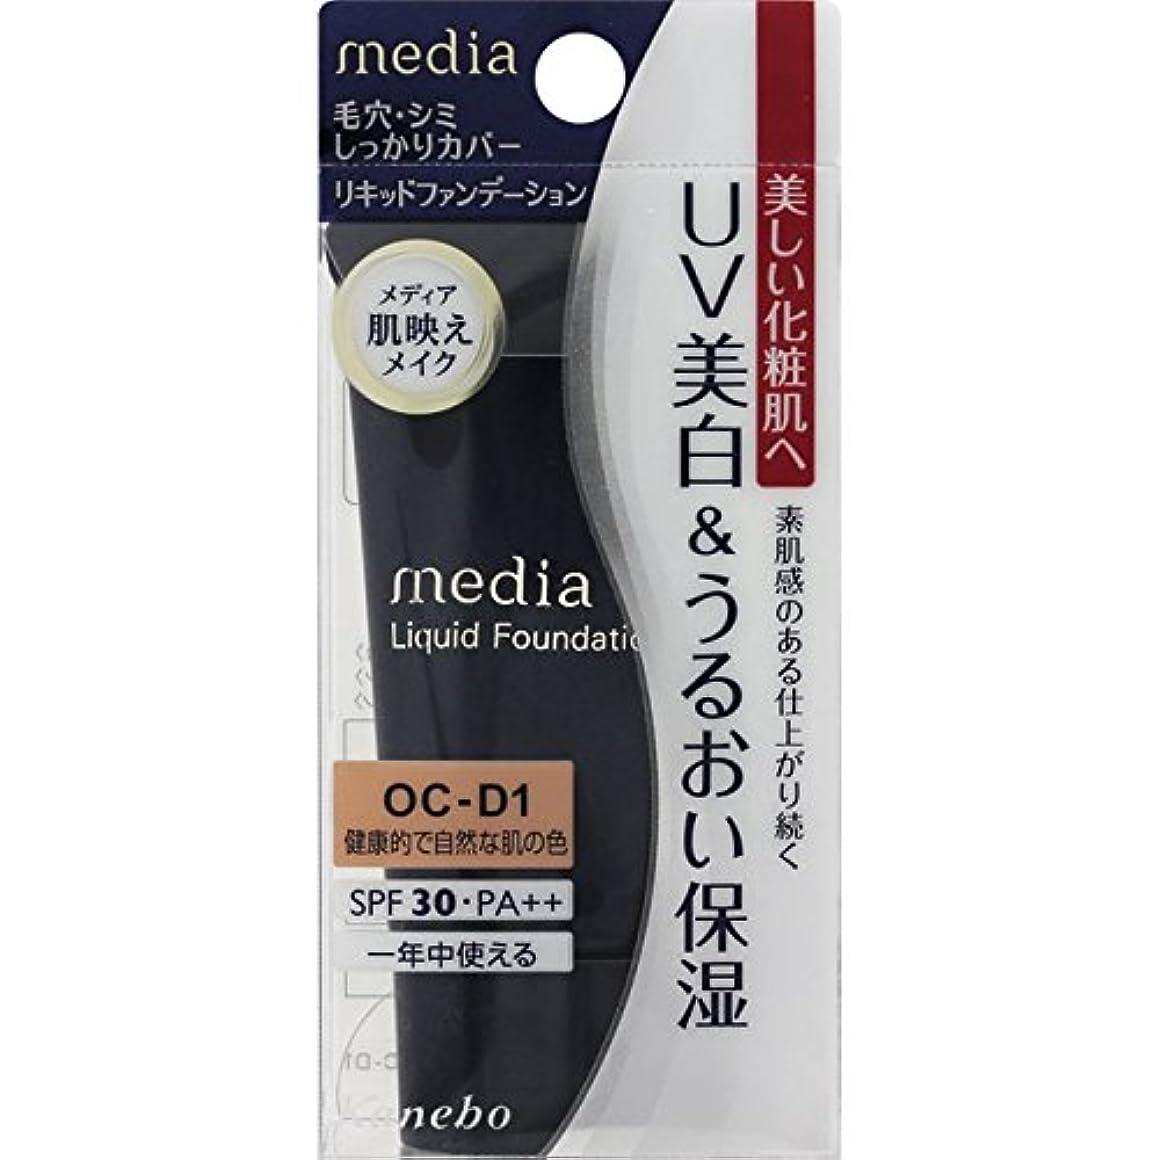 カネボウ メディア(media)リキッドファンデーションUV カラー:OC-D1